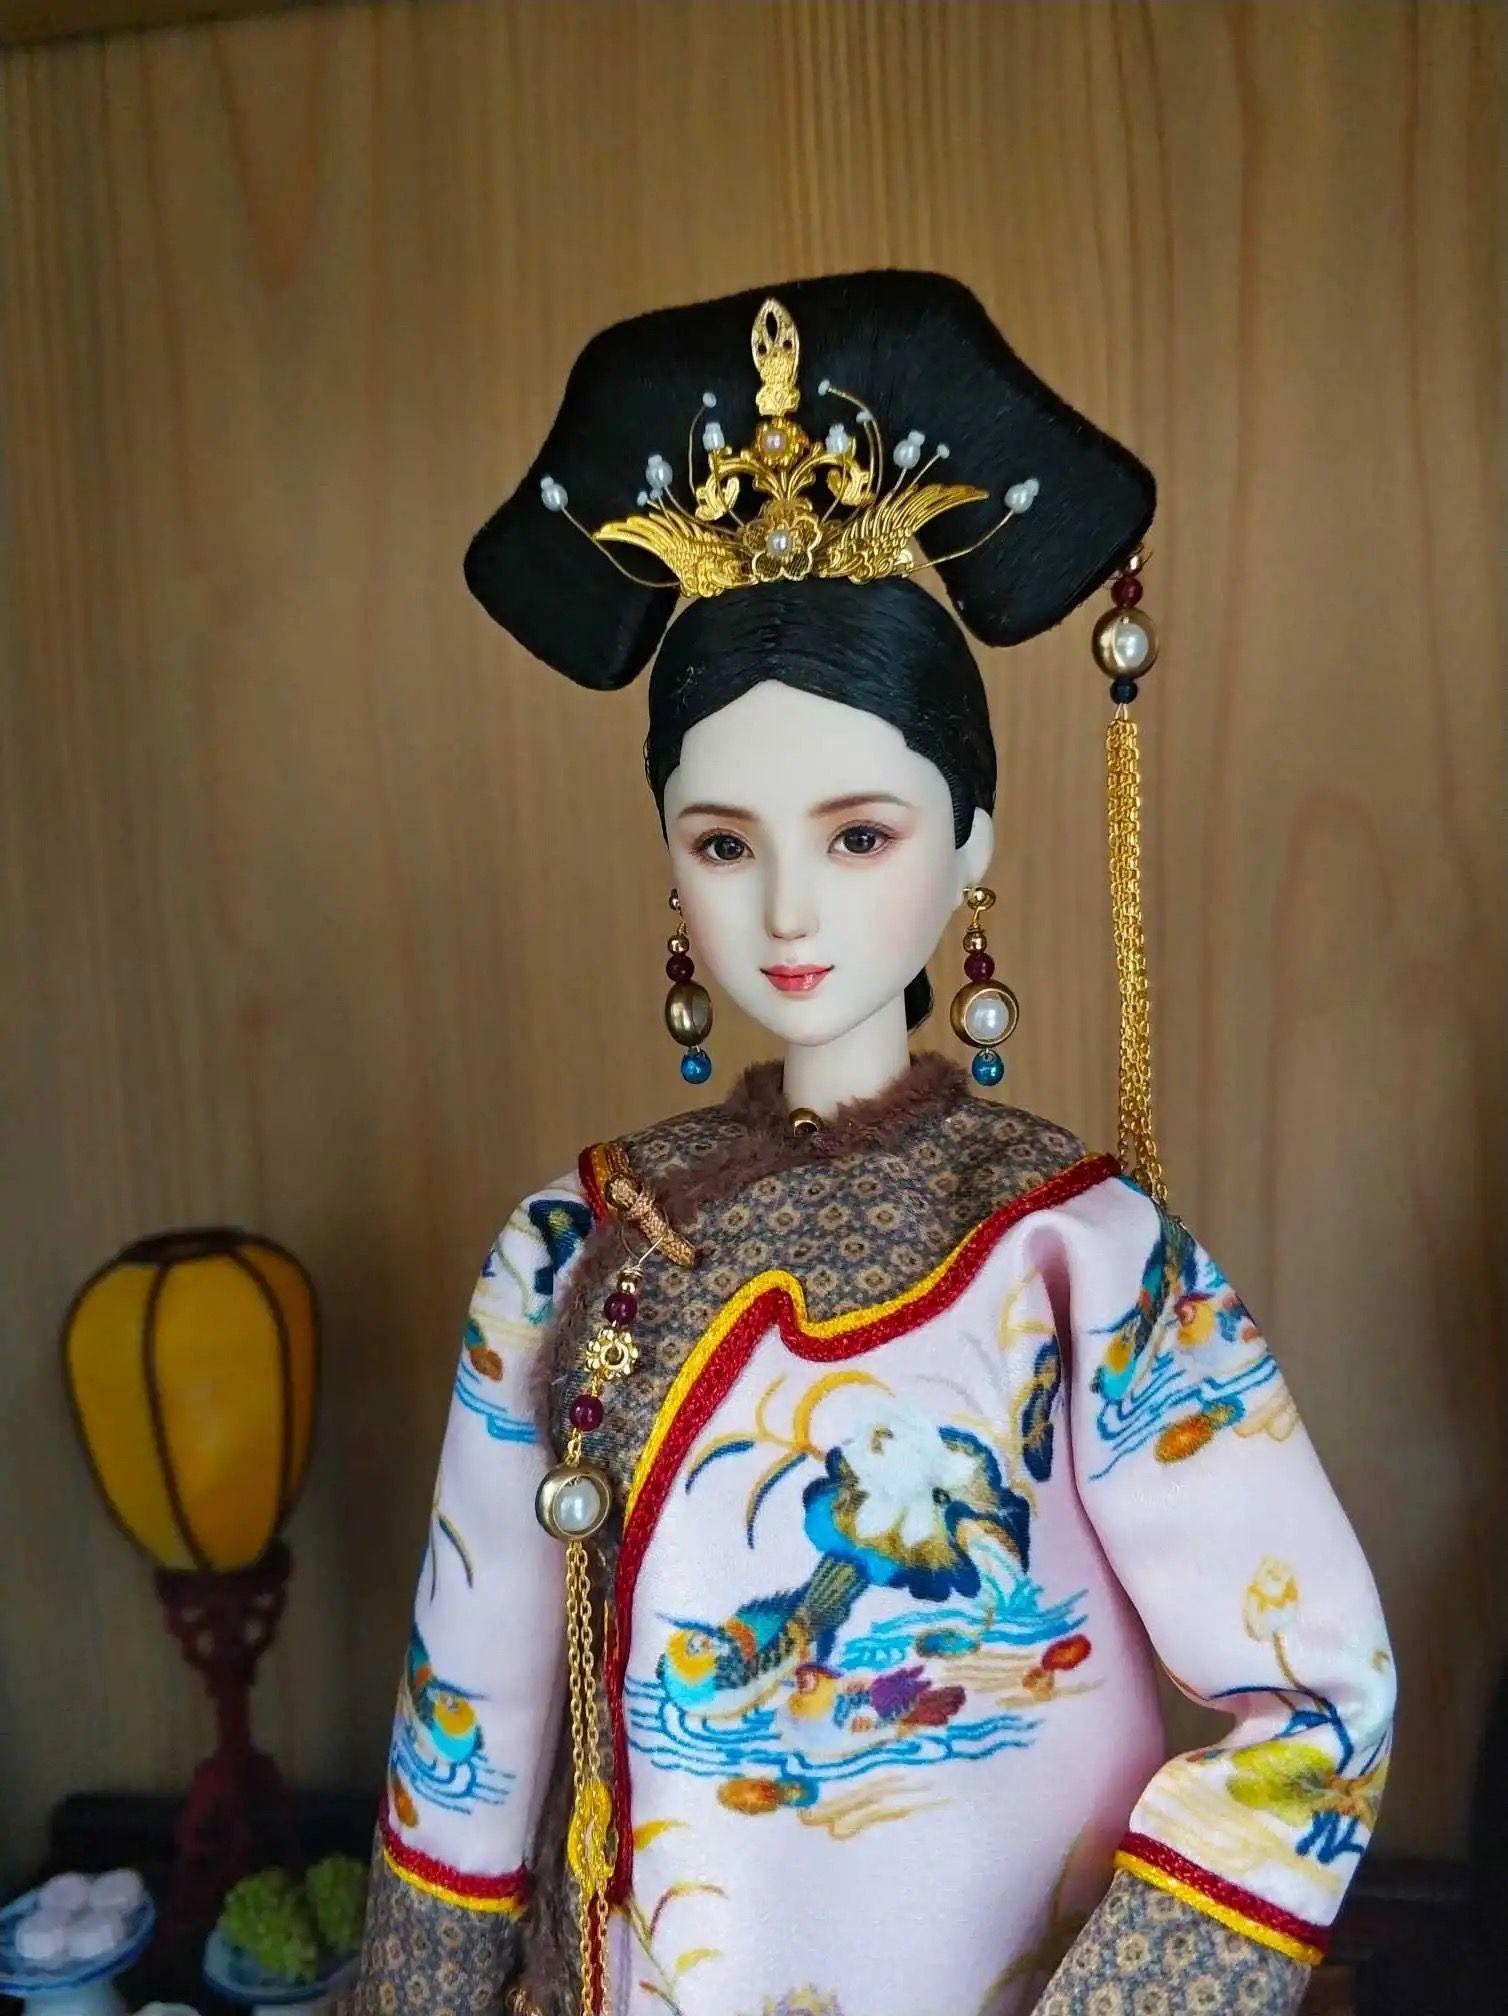 Ghim của marie-claire neto trên Poupée Asiatique trong 2020   Búp bê, Nhà  thanh, Búp bê nghệ thuật